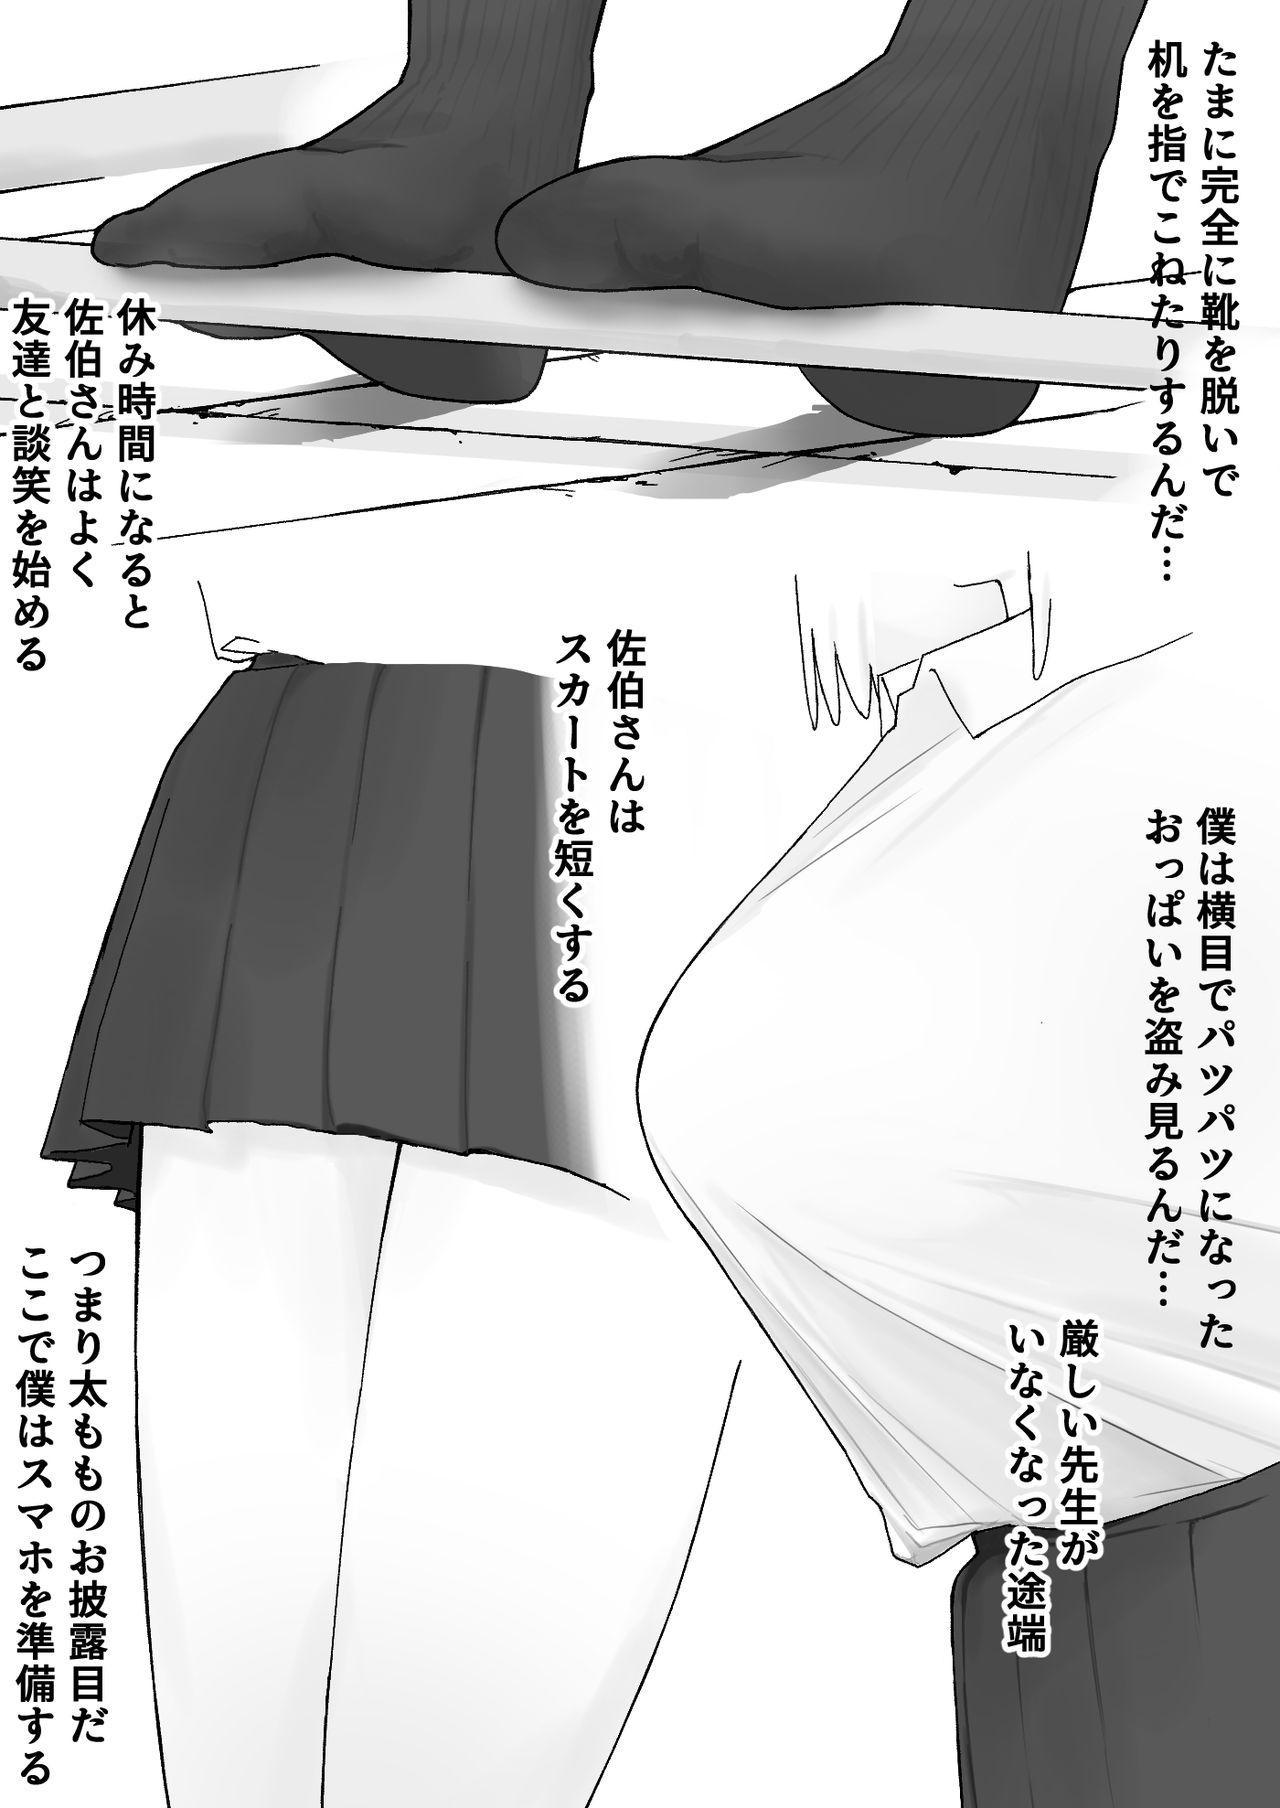 Saeki-san kansatsu nikki 1